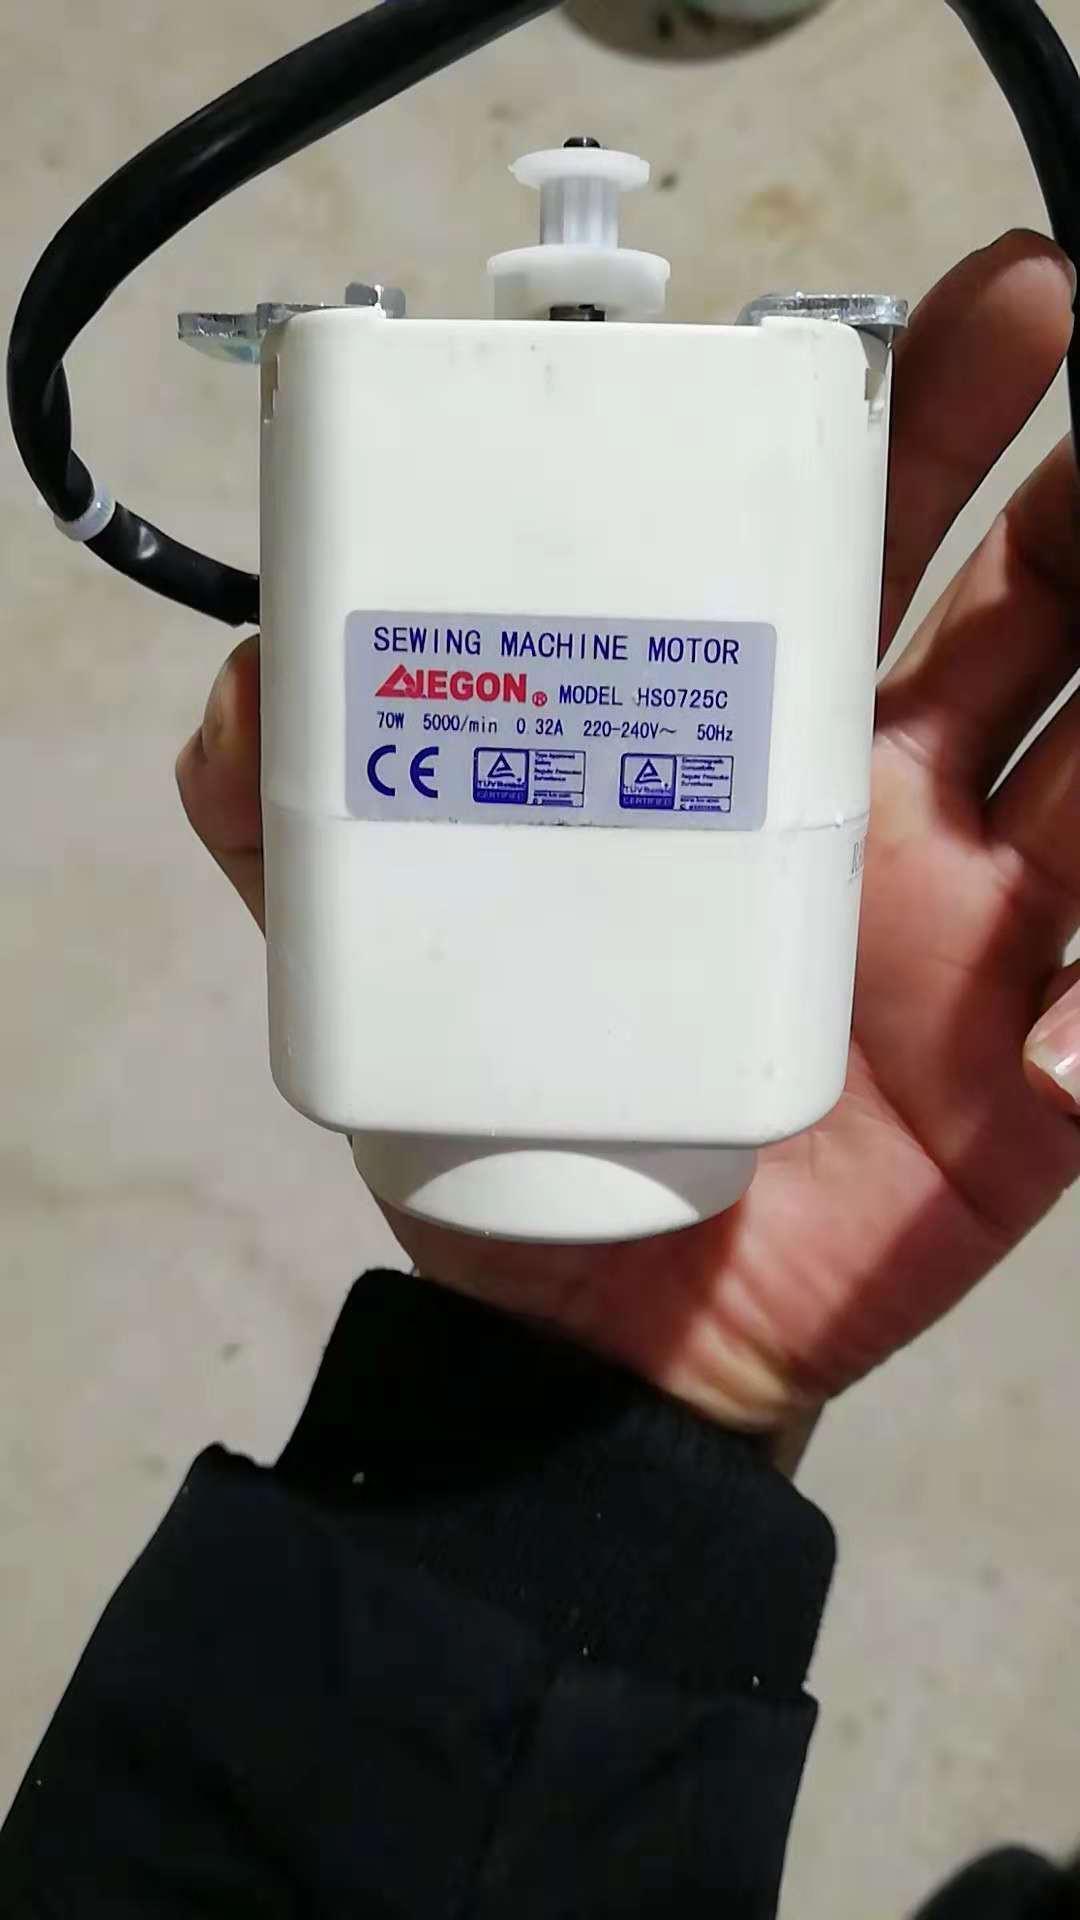 ミシンのオリジナルモータFY 811 FY 920 FY 900 S FY 2300ミシンのオリジナルモータを飛躍させます。